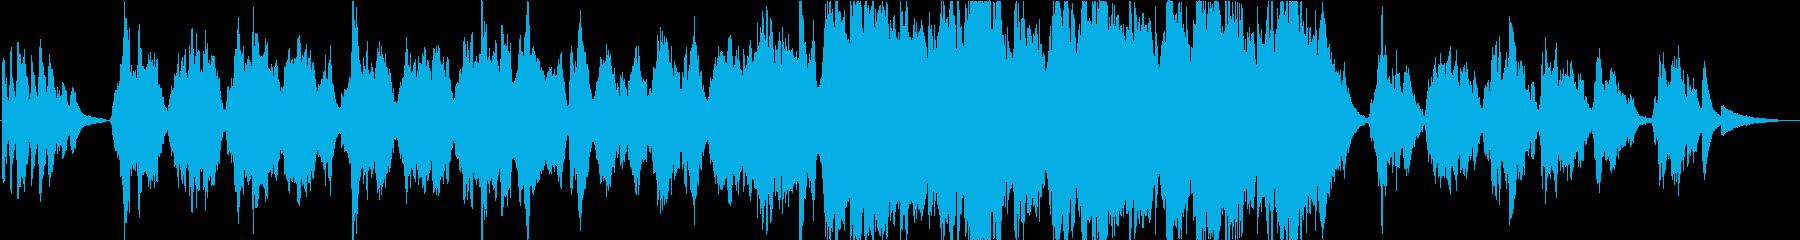 【生演奏】優しく穏やかなバイオリン曲の再生済みの波形